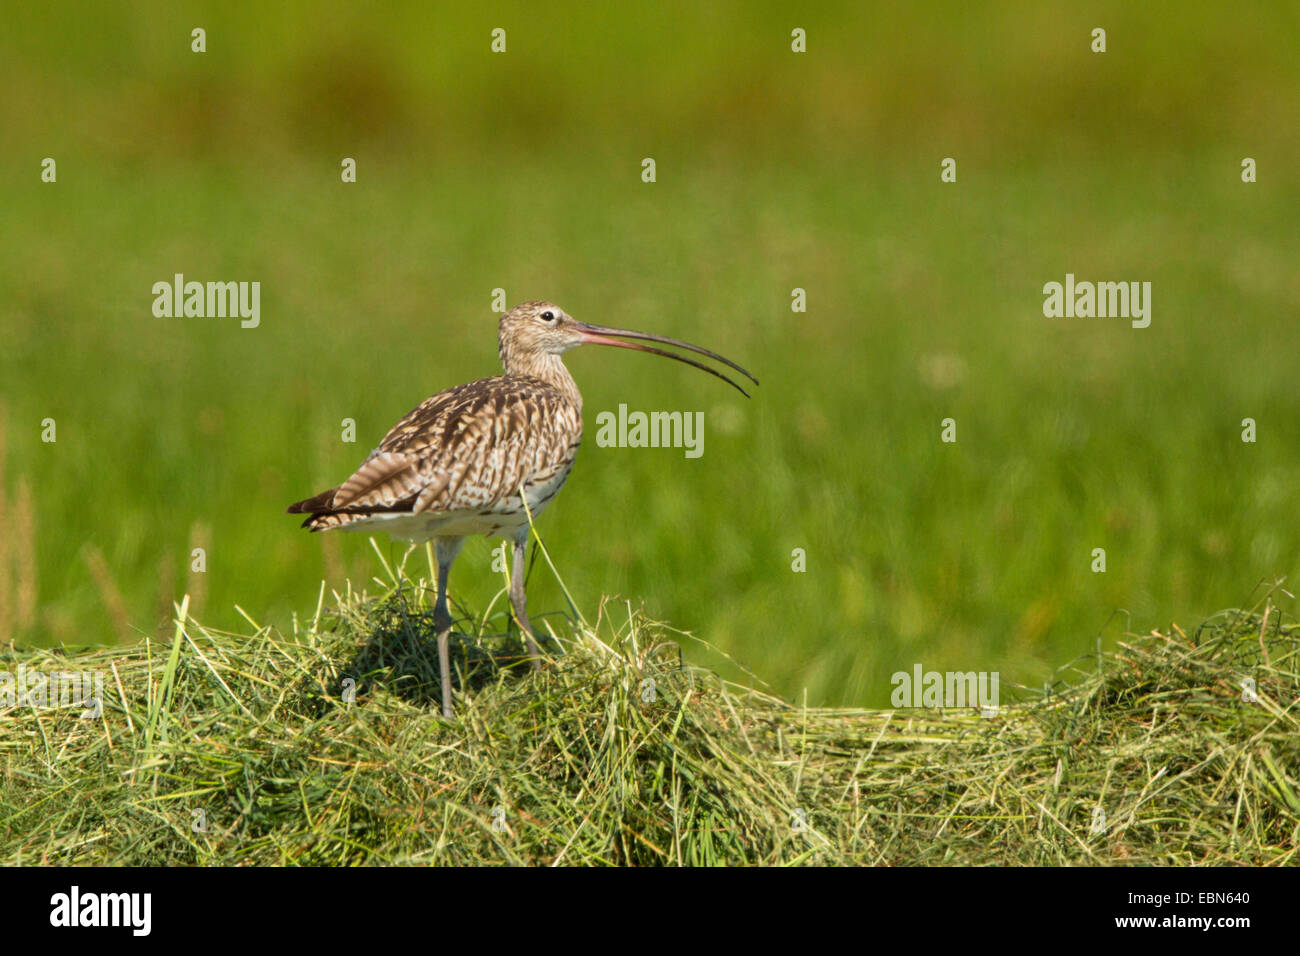 western curlew (Numenius arquata), on hay, calling, Germany, Bavaria, Isental - Stock Image